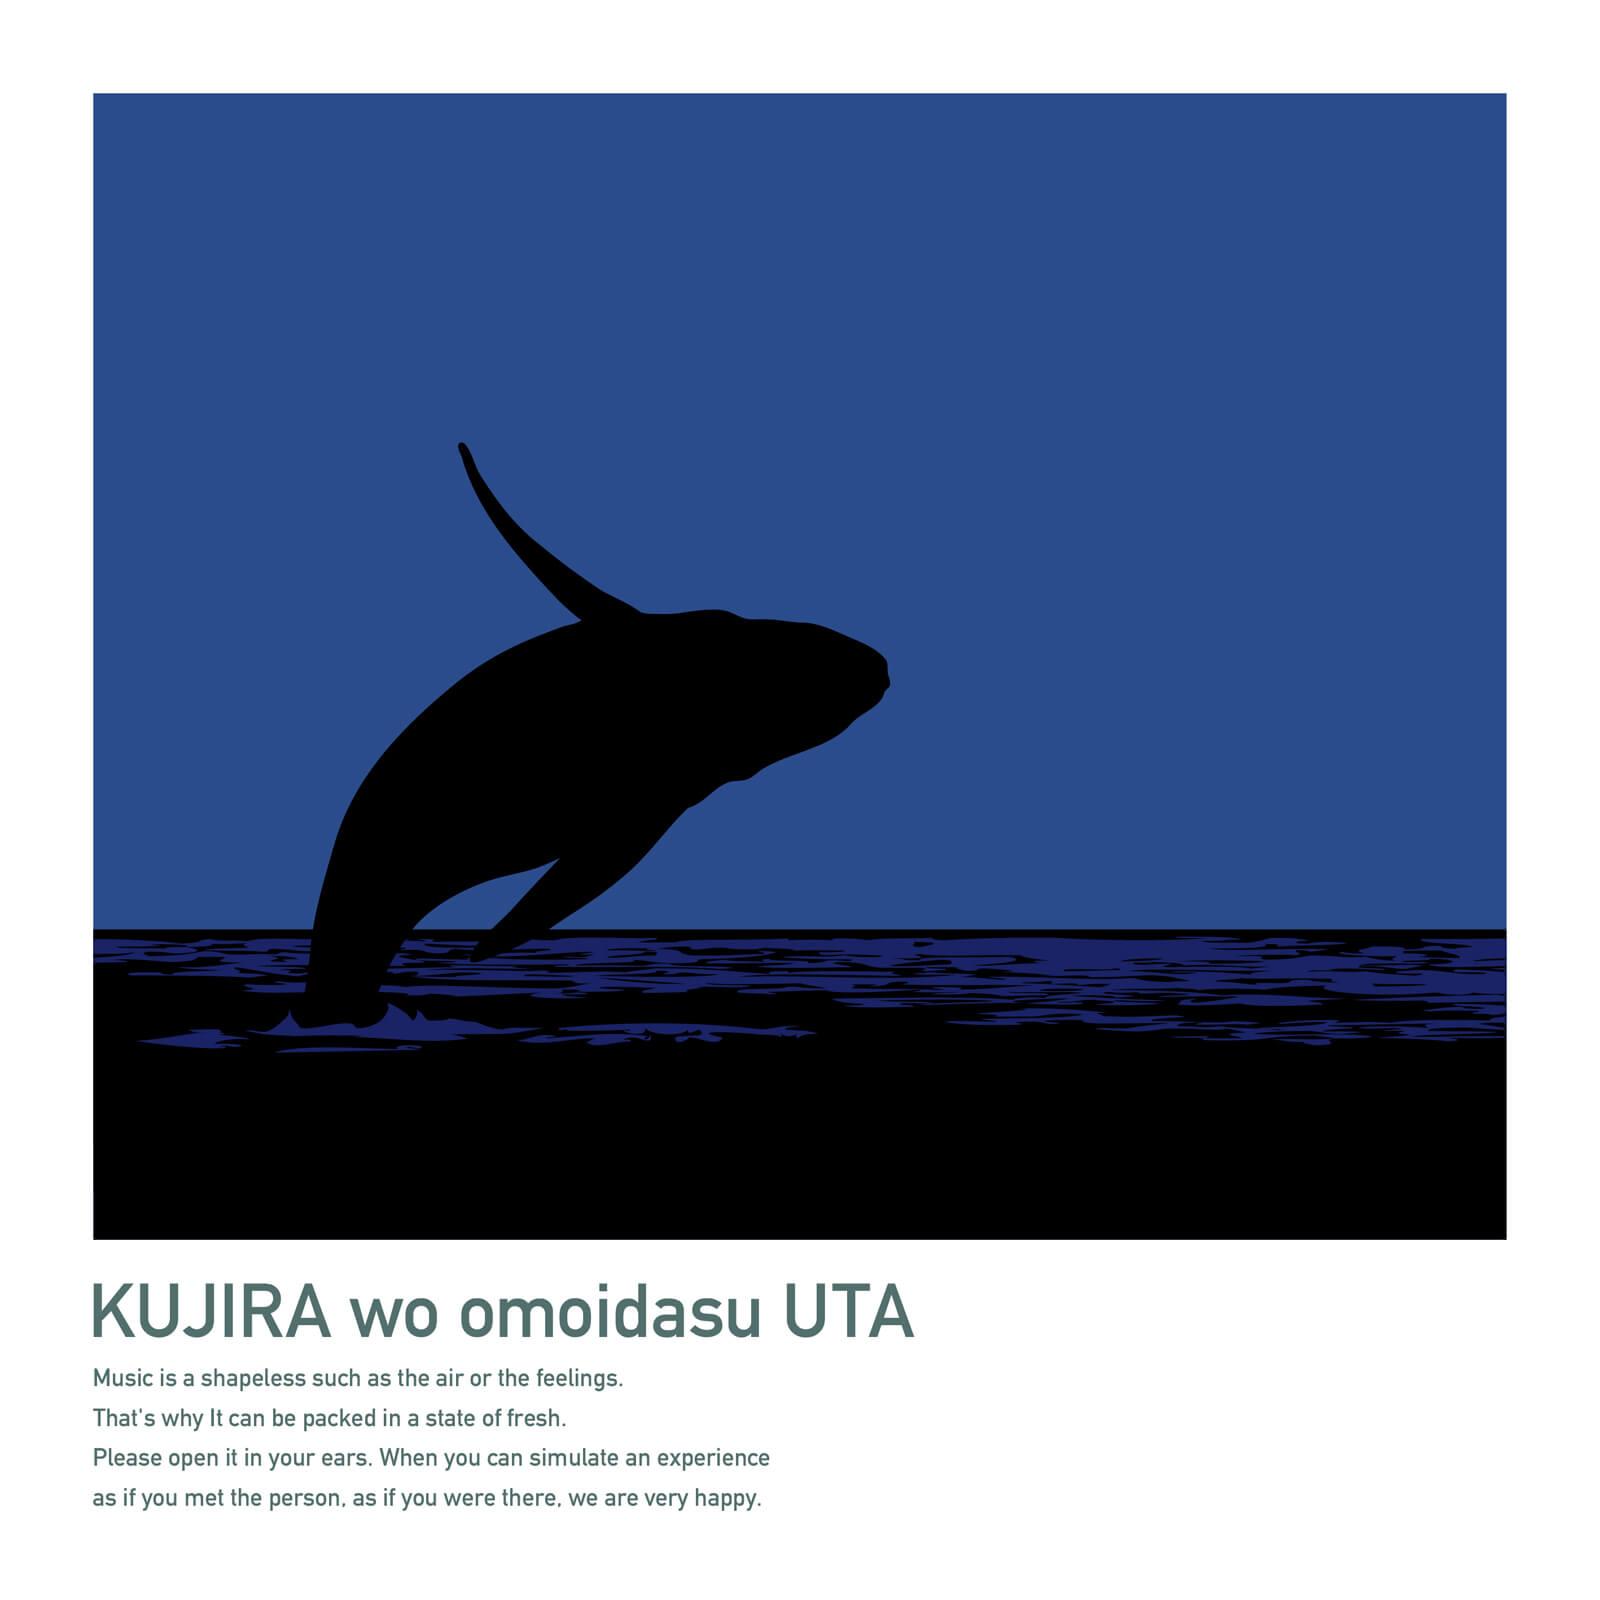 パラノア - paranoaマキシシングル『クジラを想い出すうた』ジャケット